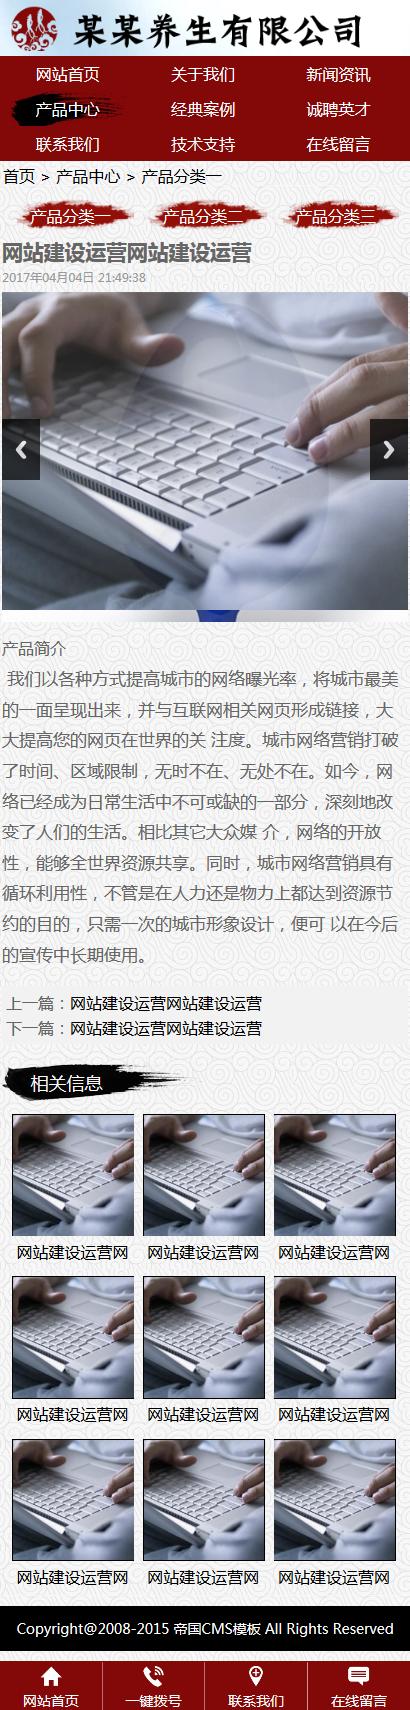 帝国cms公司企业wap手机模板红色系_产品内容页